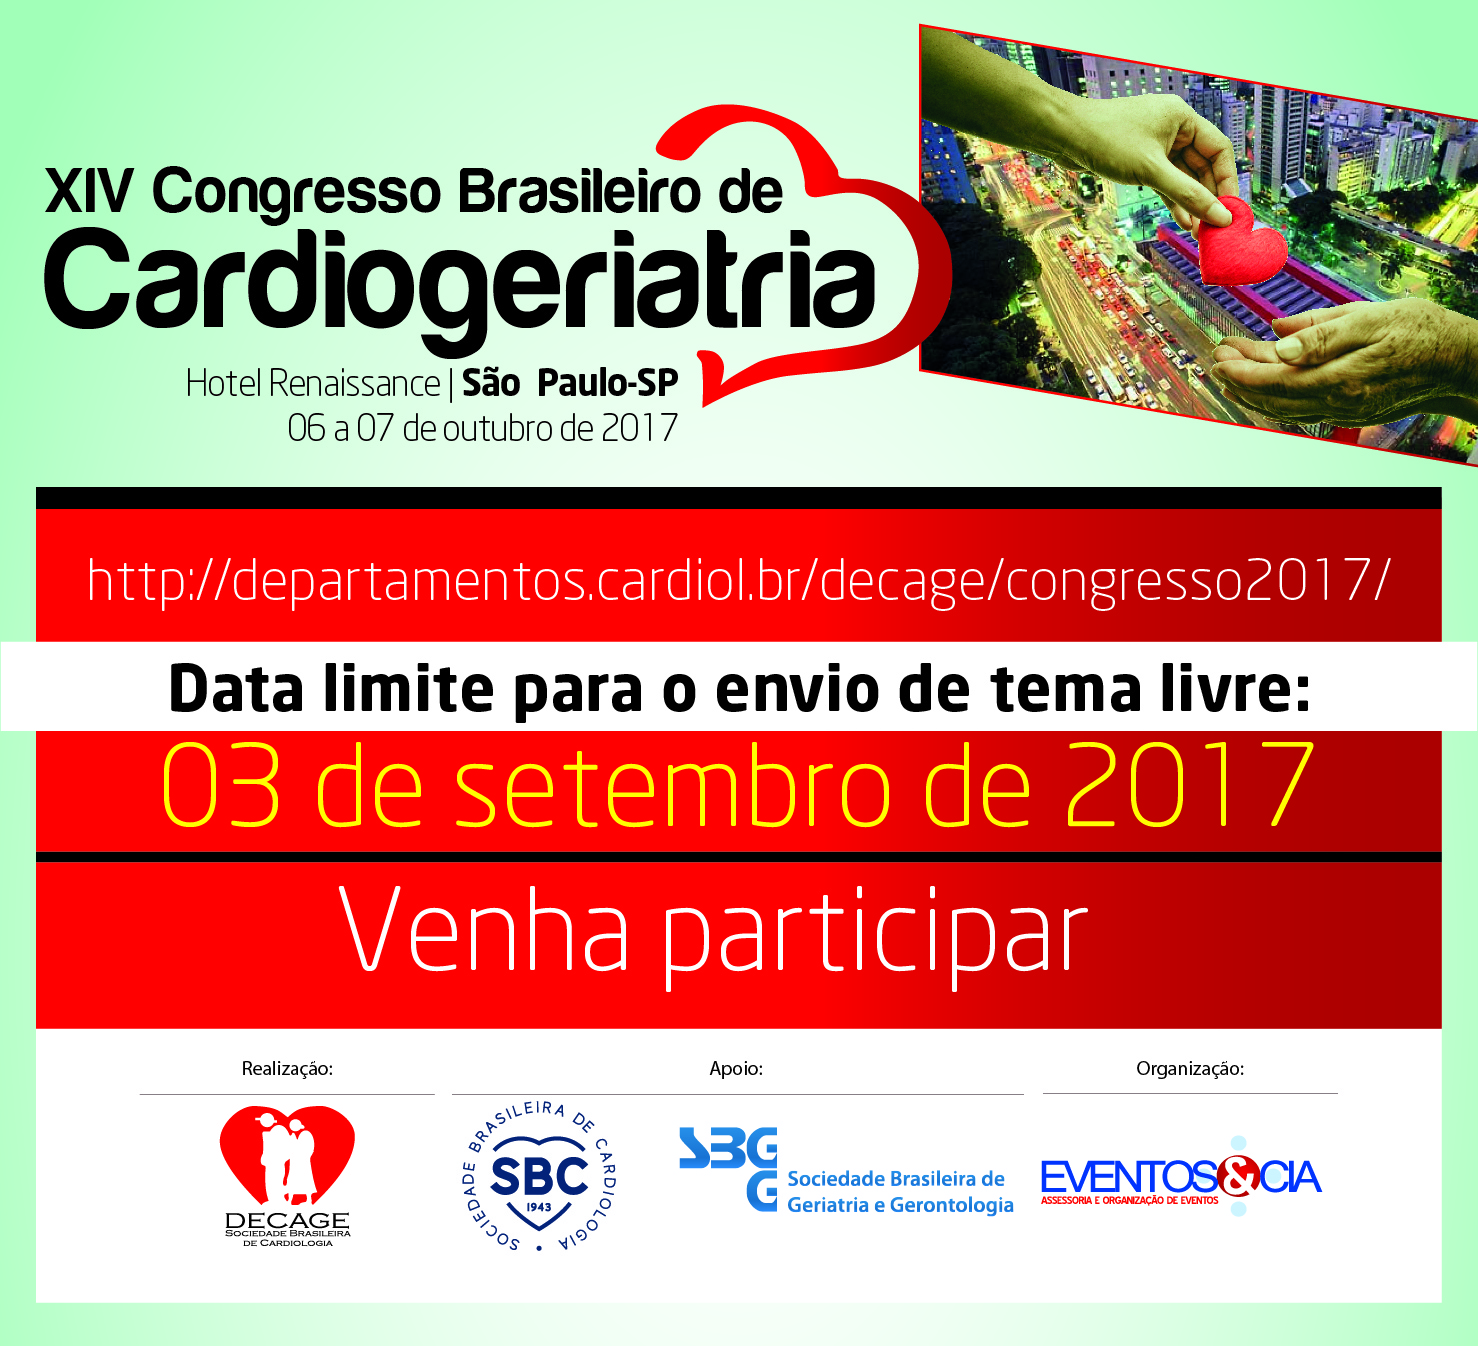 XIV Congresso Brasileiro de Cardiogeriatria